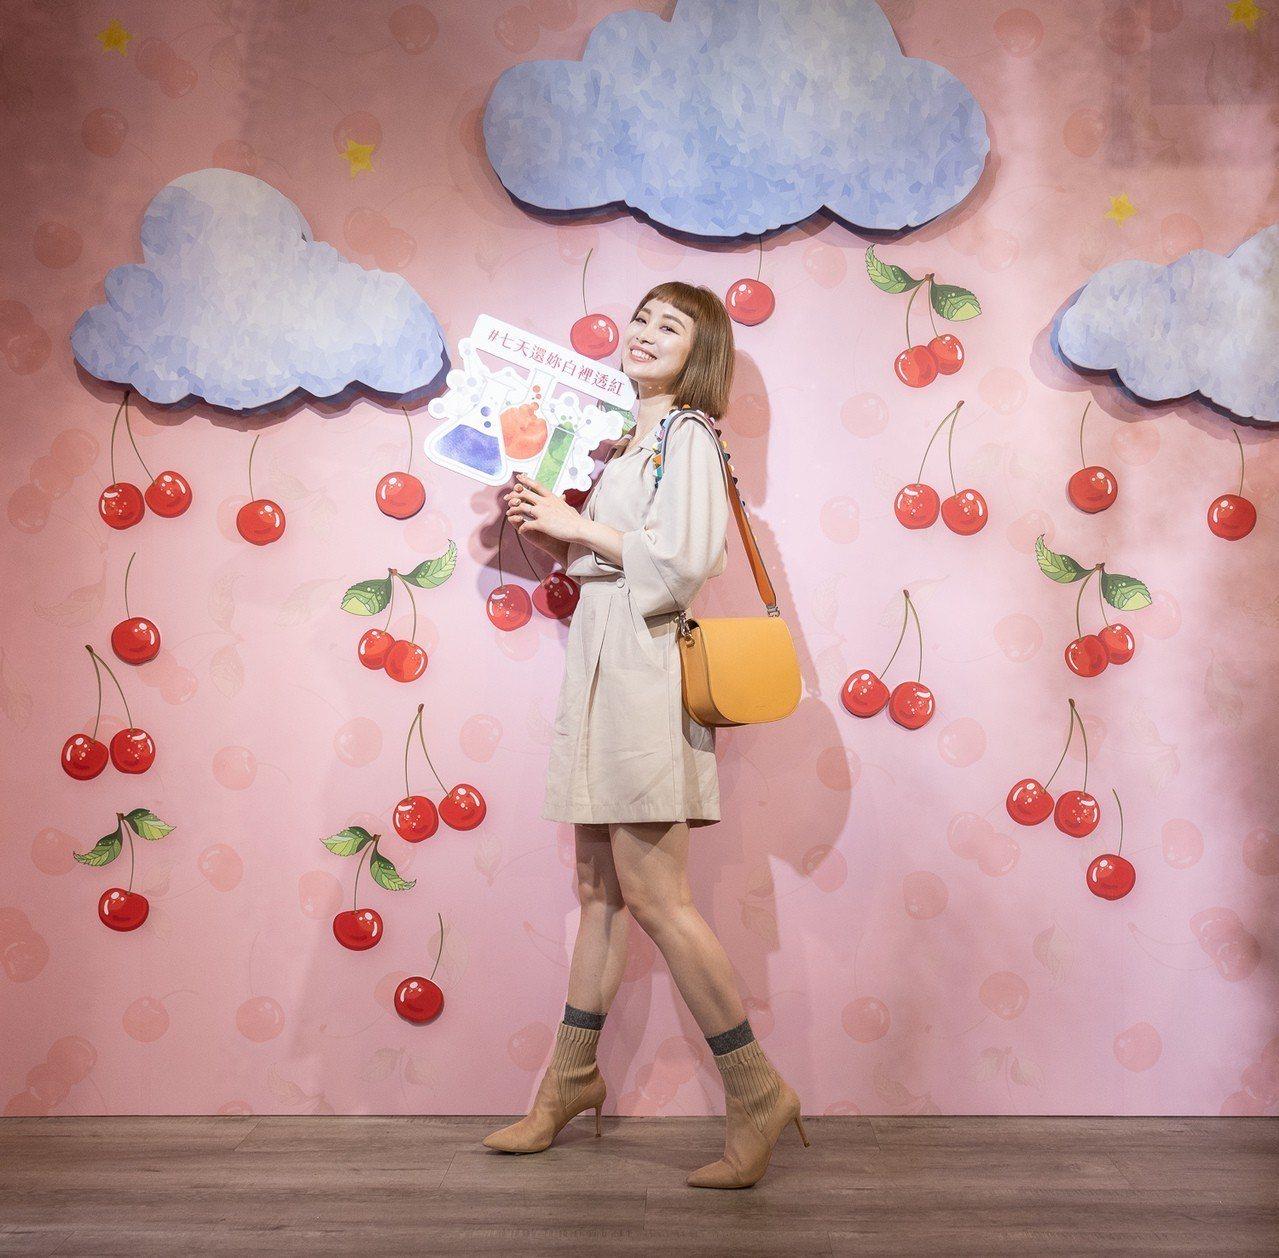 時尚潮流新人妻-陳彤彤最愛的活力櫻桃屋場景是「雲朵櫻桃牆」。 圖/克蘭詩提供